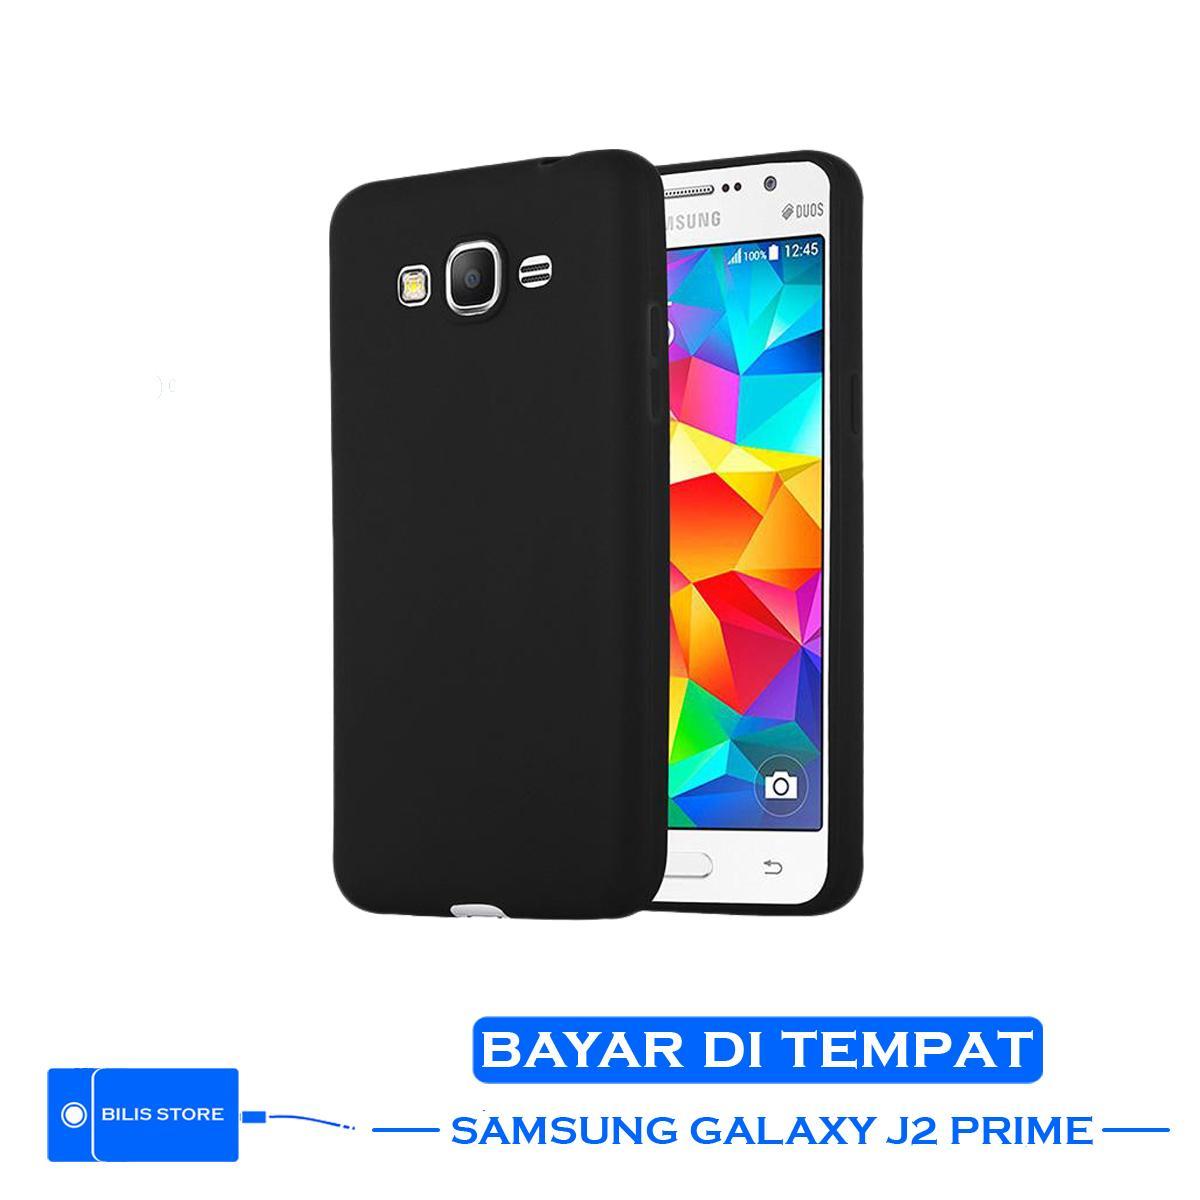 Case Ultraslim Samsung Galaxy J2 prime Color Black Silikon Shockproof Black Color Casing hp Samsung